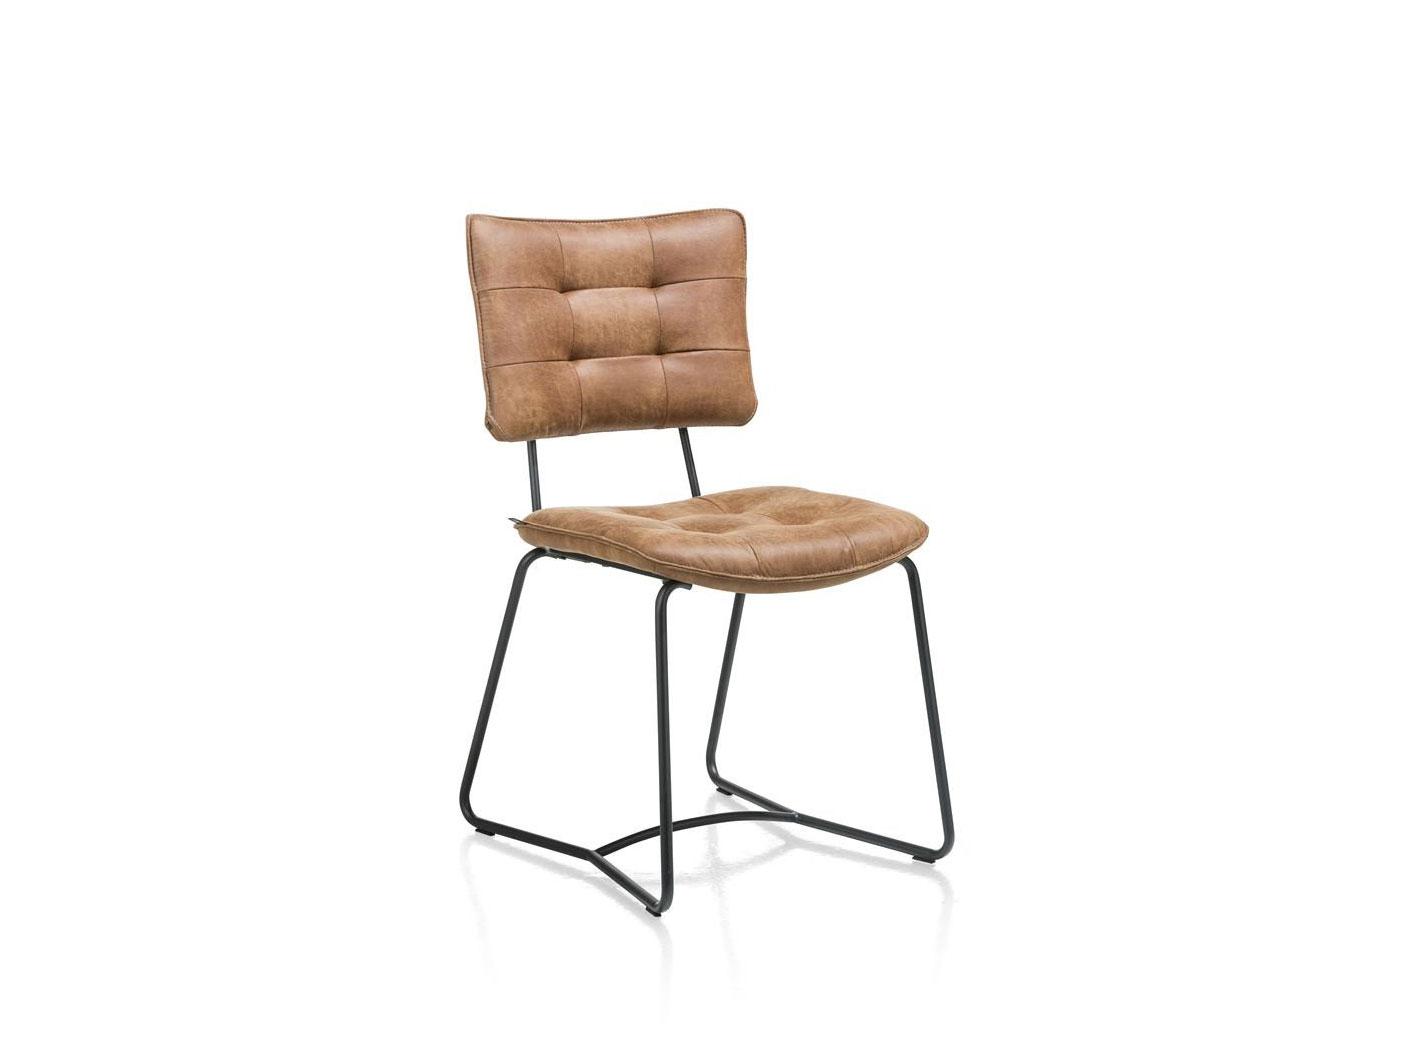 Cognac Kleur Stoel : Stoel julien kleur cognac bruin deba meubelen